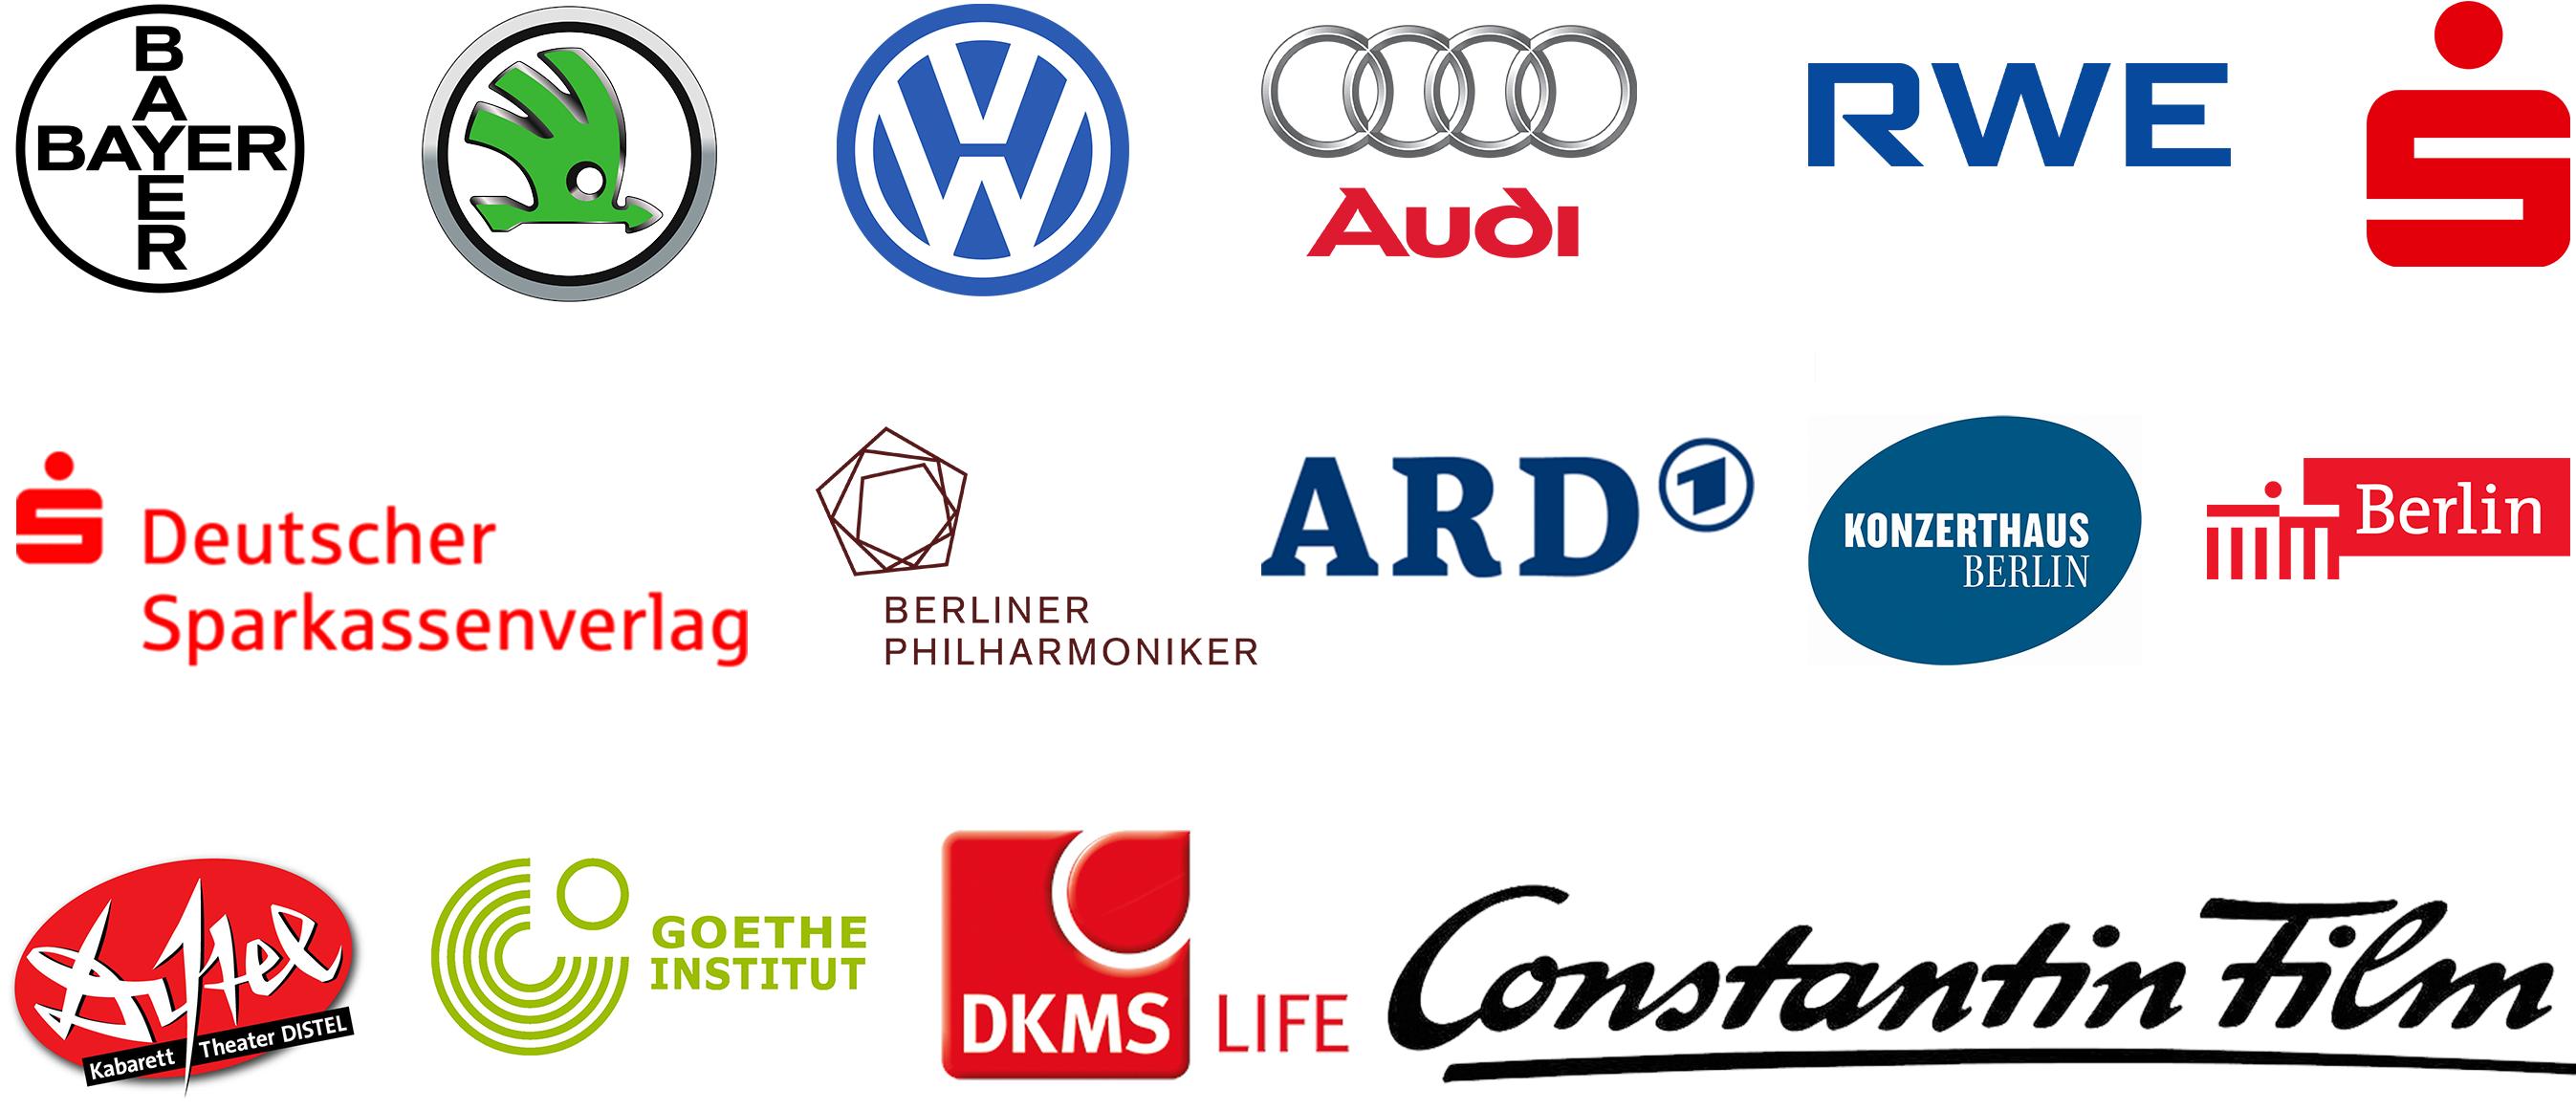 Agentur für Design und Marketing | Videoproduktion, E-commerce, Sem, Seo, Smm, Corporate Design, Webdesign erklaerfilm_kunden_logos_gross_quer